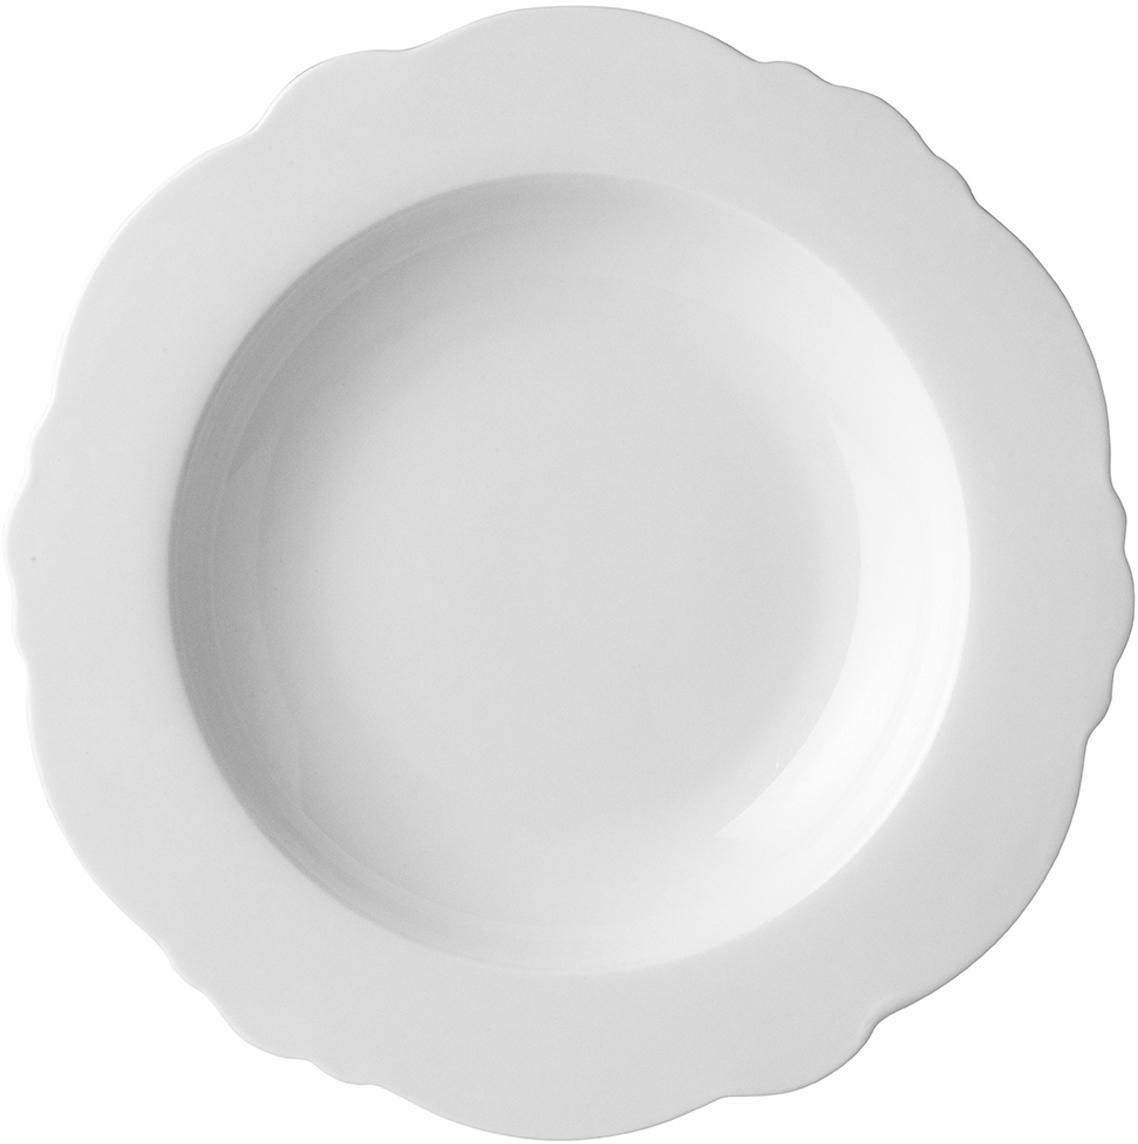 Assiettes creuses coquillage Loft, 4 pièces, Blanc